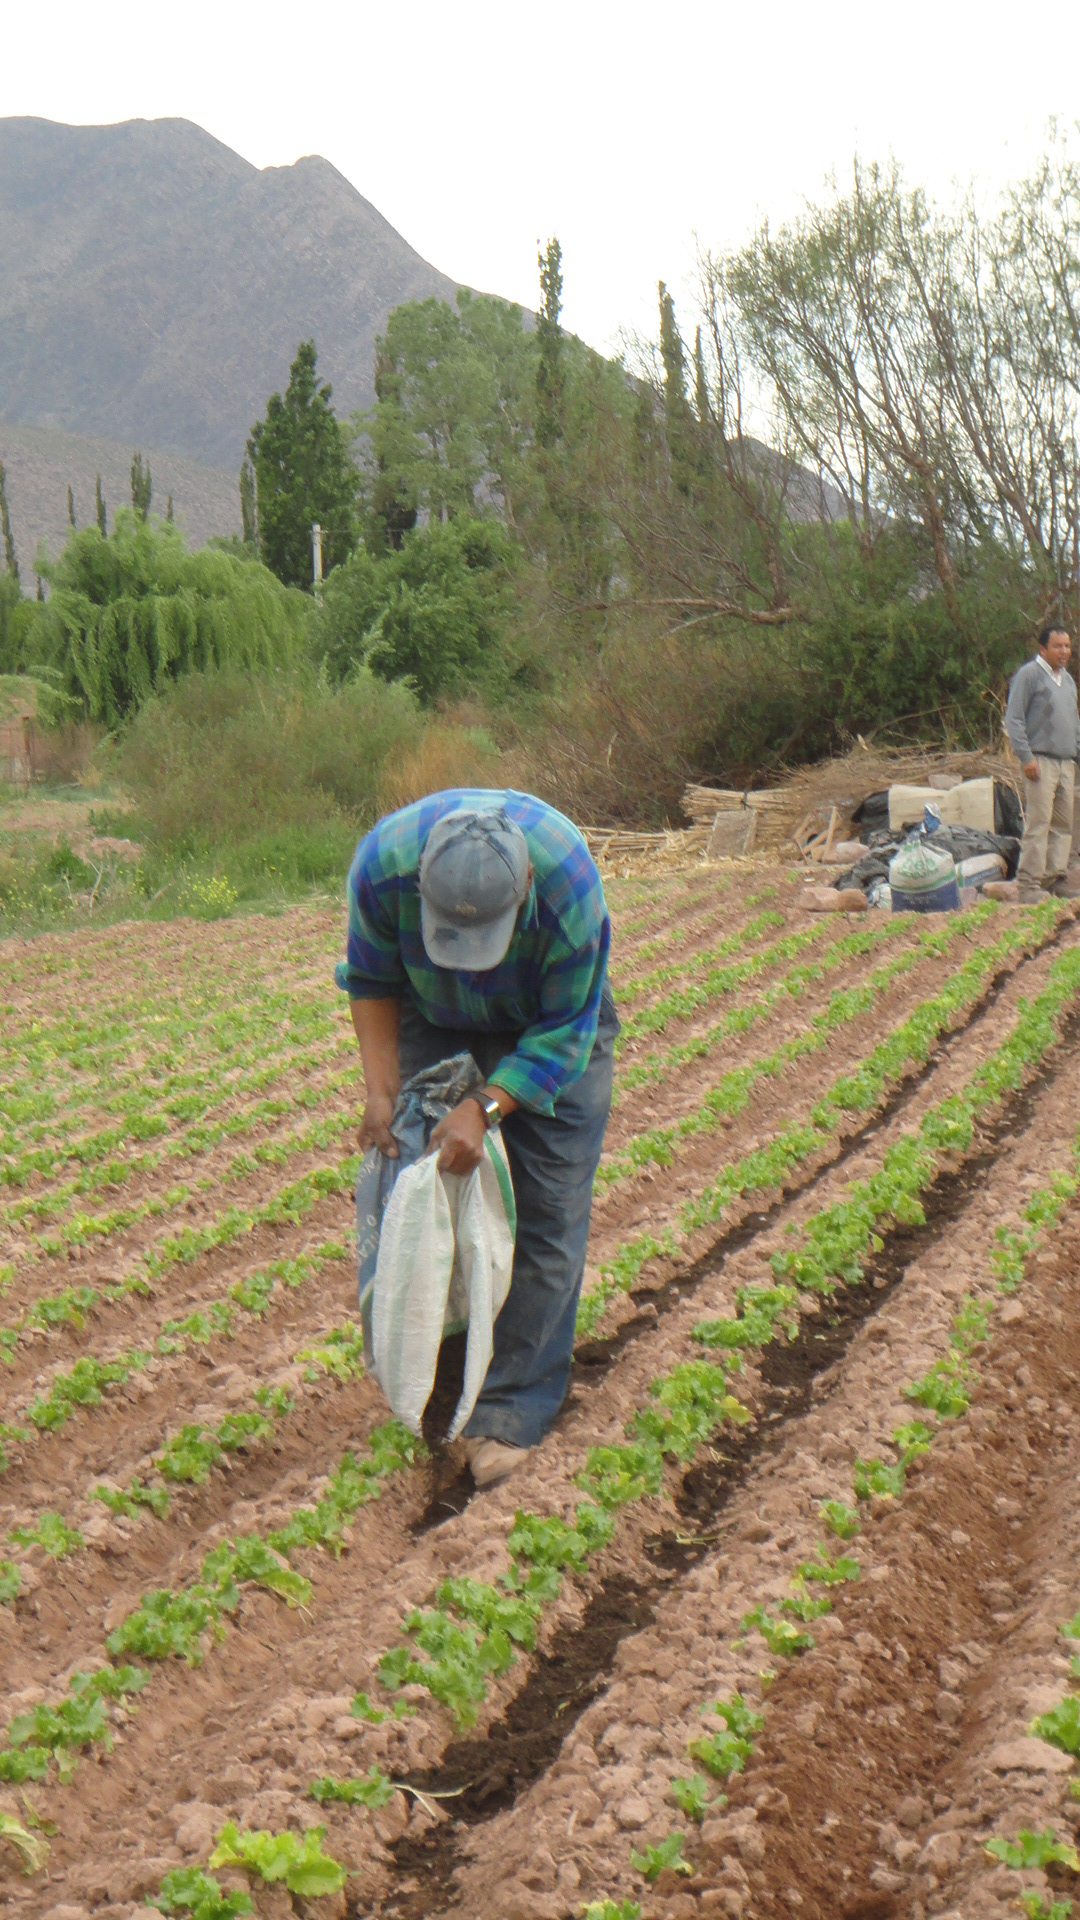 Mejoran la fertilidad de los suelos de la quebrada  de Humahuaca